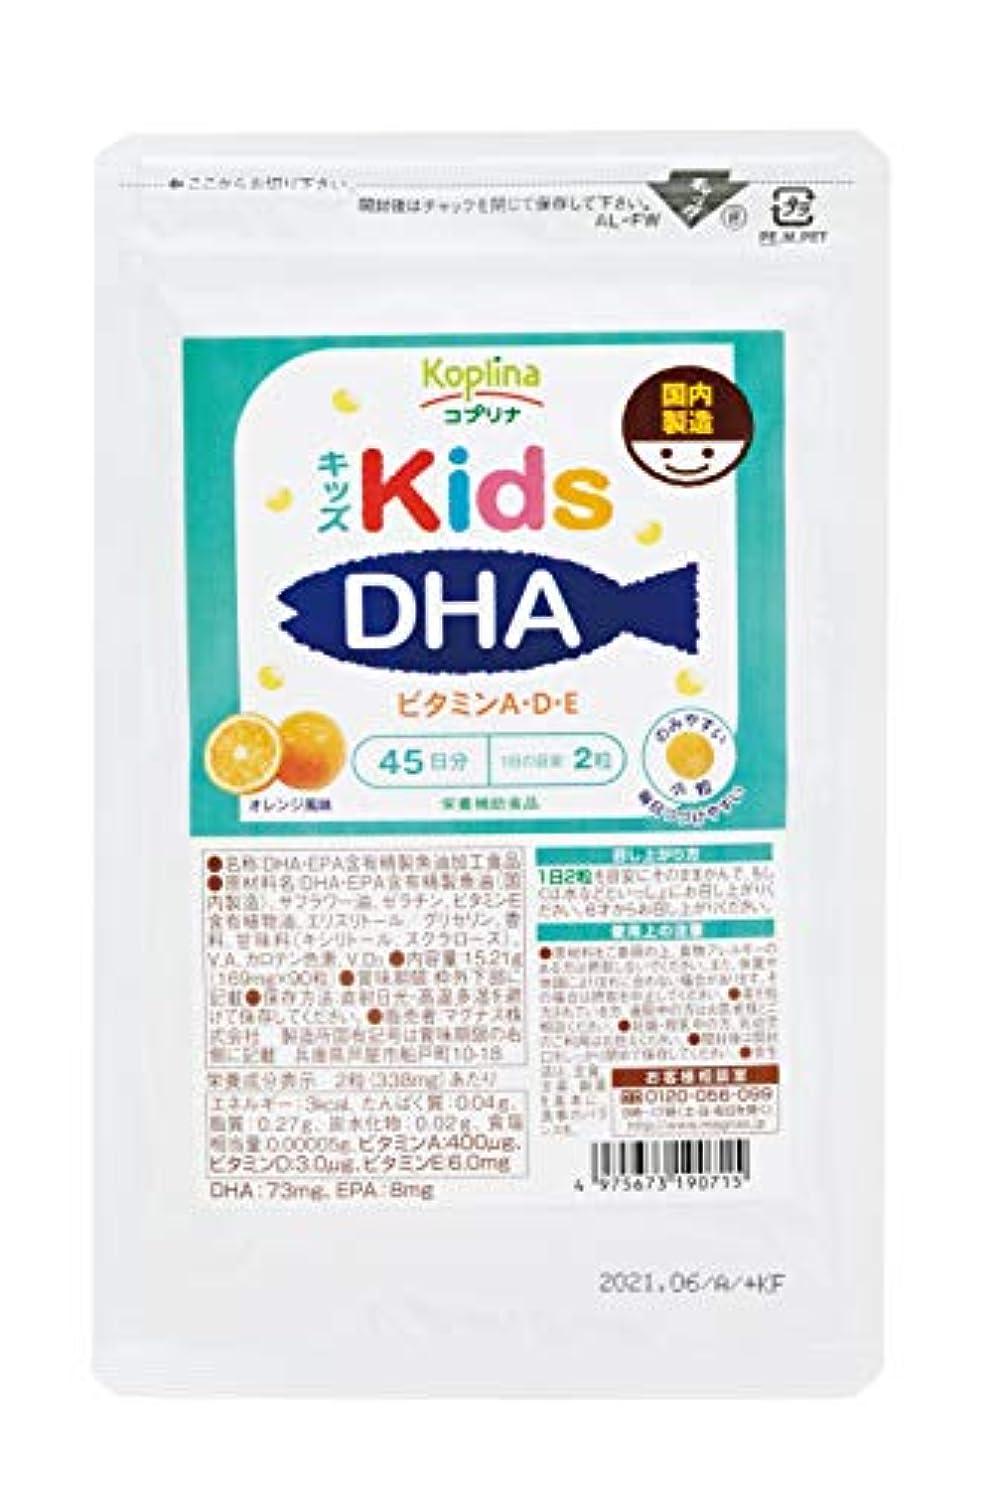 取り除く応答ごちそうキッズDHA ビタミンA?D?E配合 オレンジ風味(国内製造) 90粒 ×3袋セット